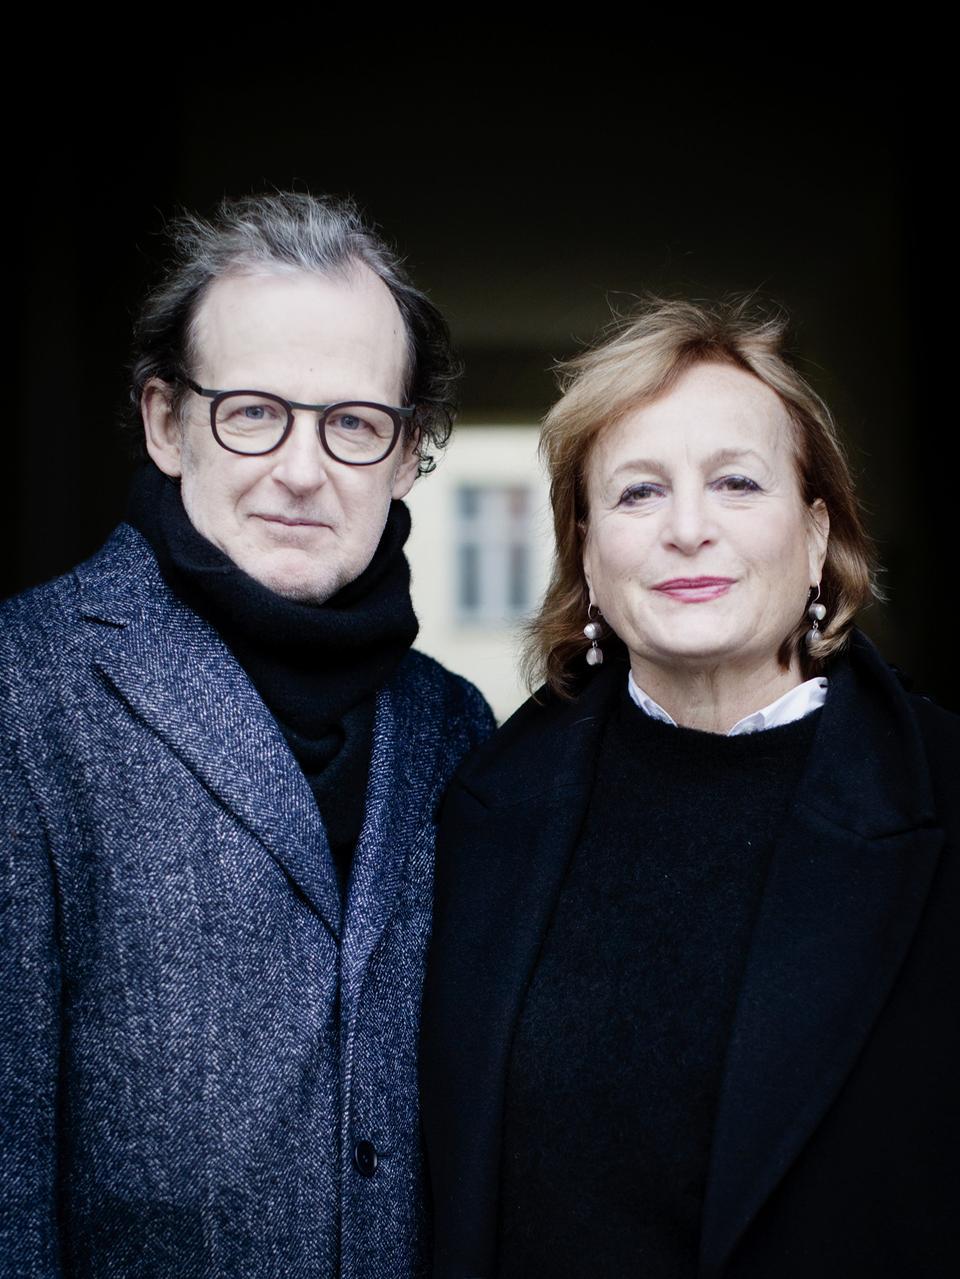 Bjrn Jrnsida: Tv-myt eller Munskung? - StockholmDirekt